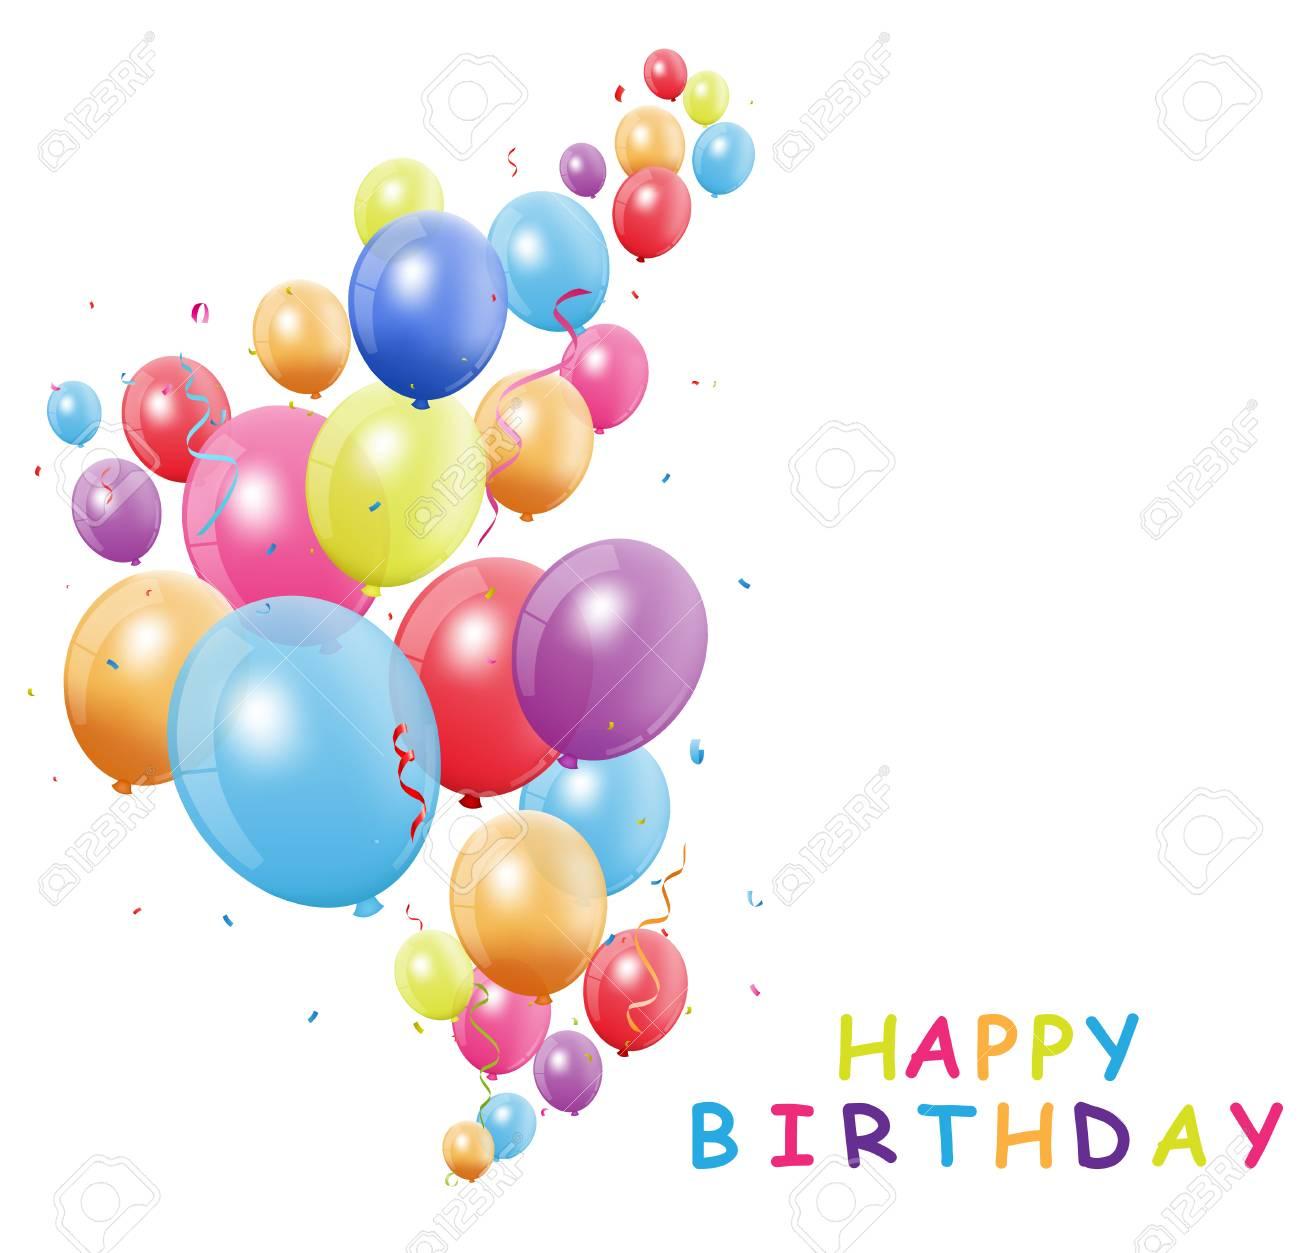 Carte De Joyeux Anniversaire Avec Ballon Colore Clip Art Libres De Droits Vecteurs Et Illustration Image 82041023